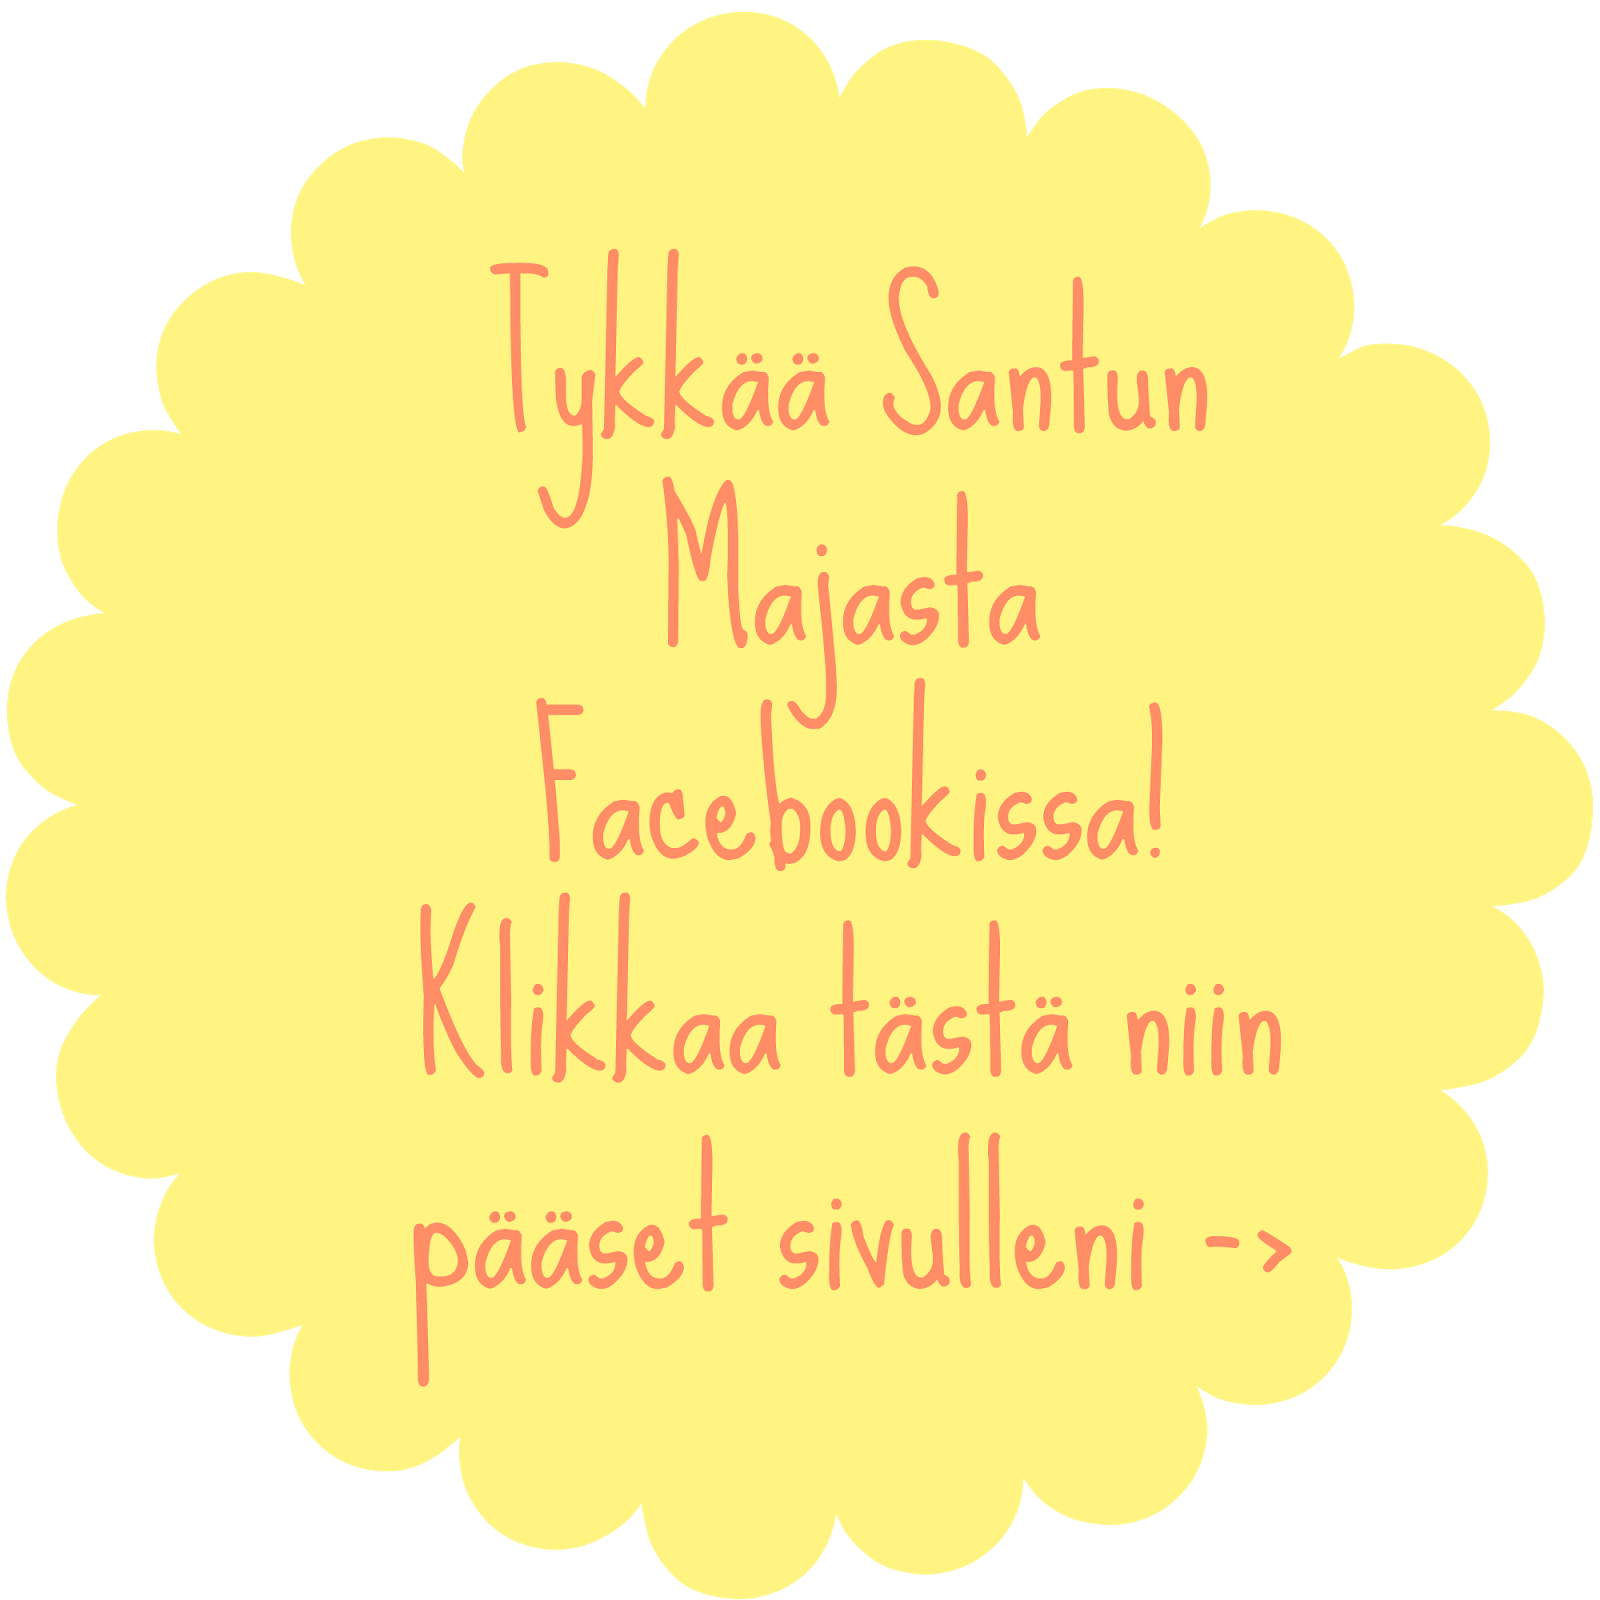 Santun Maja löytyy Facebookista!